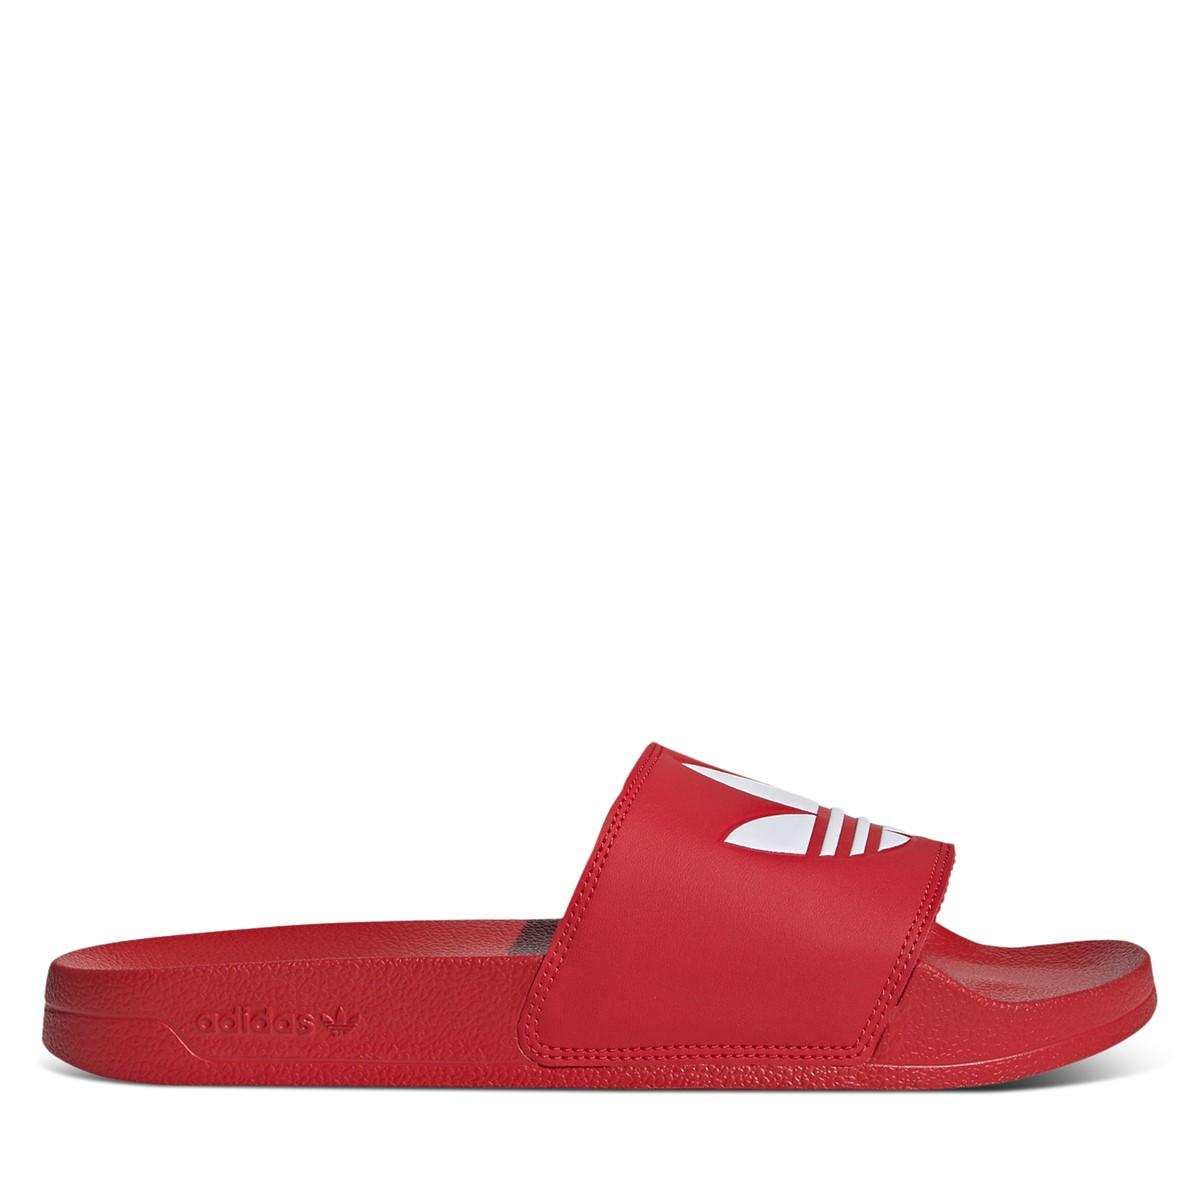 Men's Adilette Lite Slide Sandals in Red